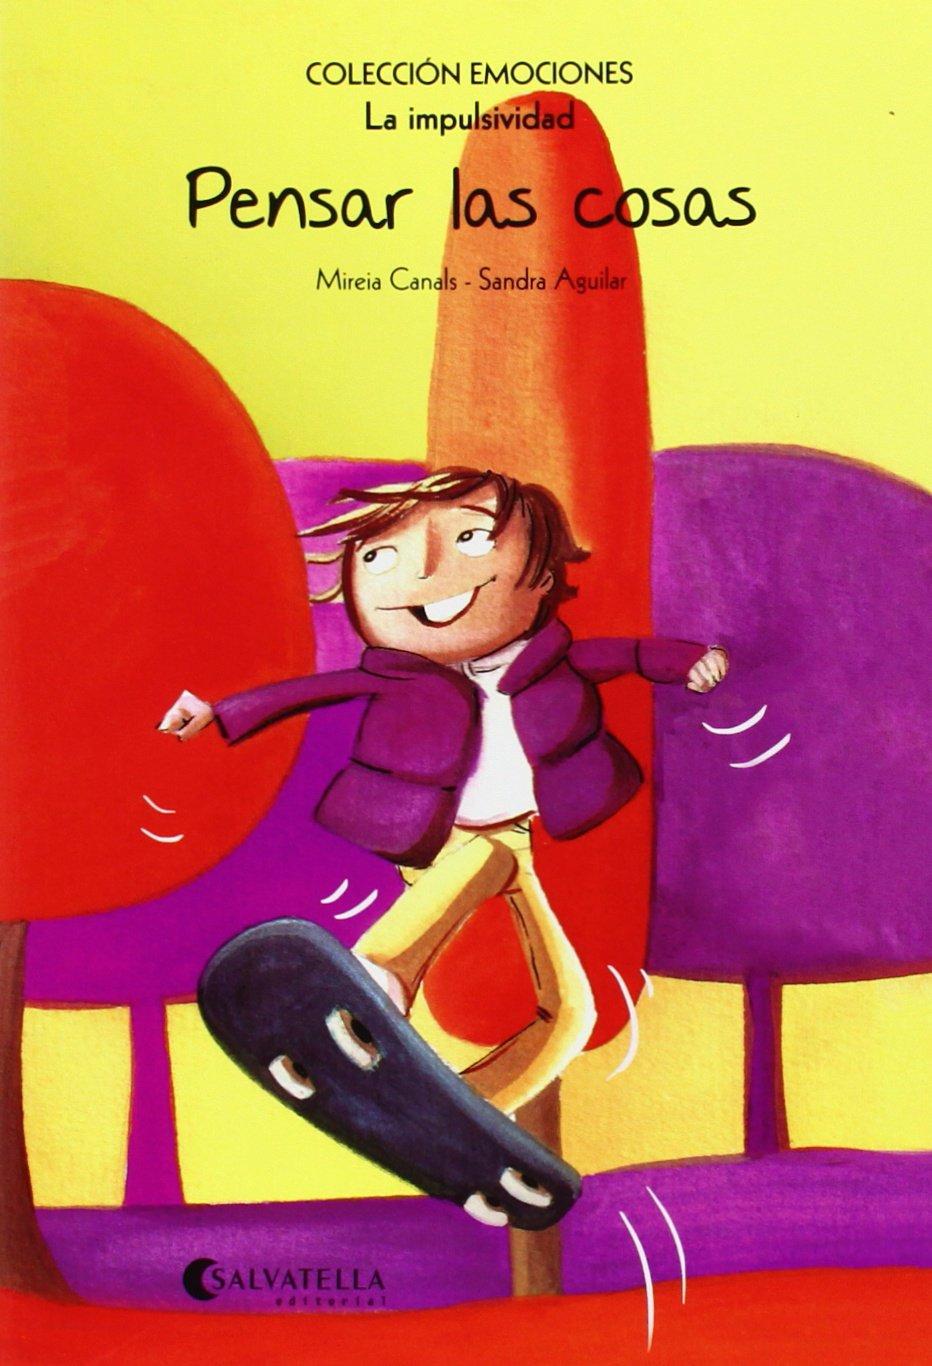 PENSAR LAS COSAS.(IMPULSIVIDAD).(EMOCIONES) (Spanish) Paperback – October 8, 2014